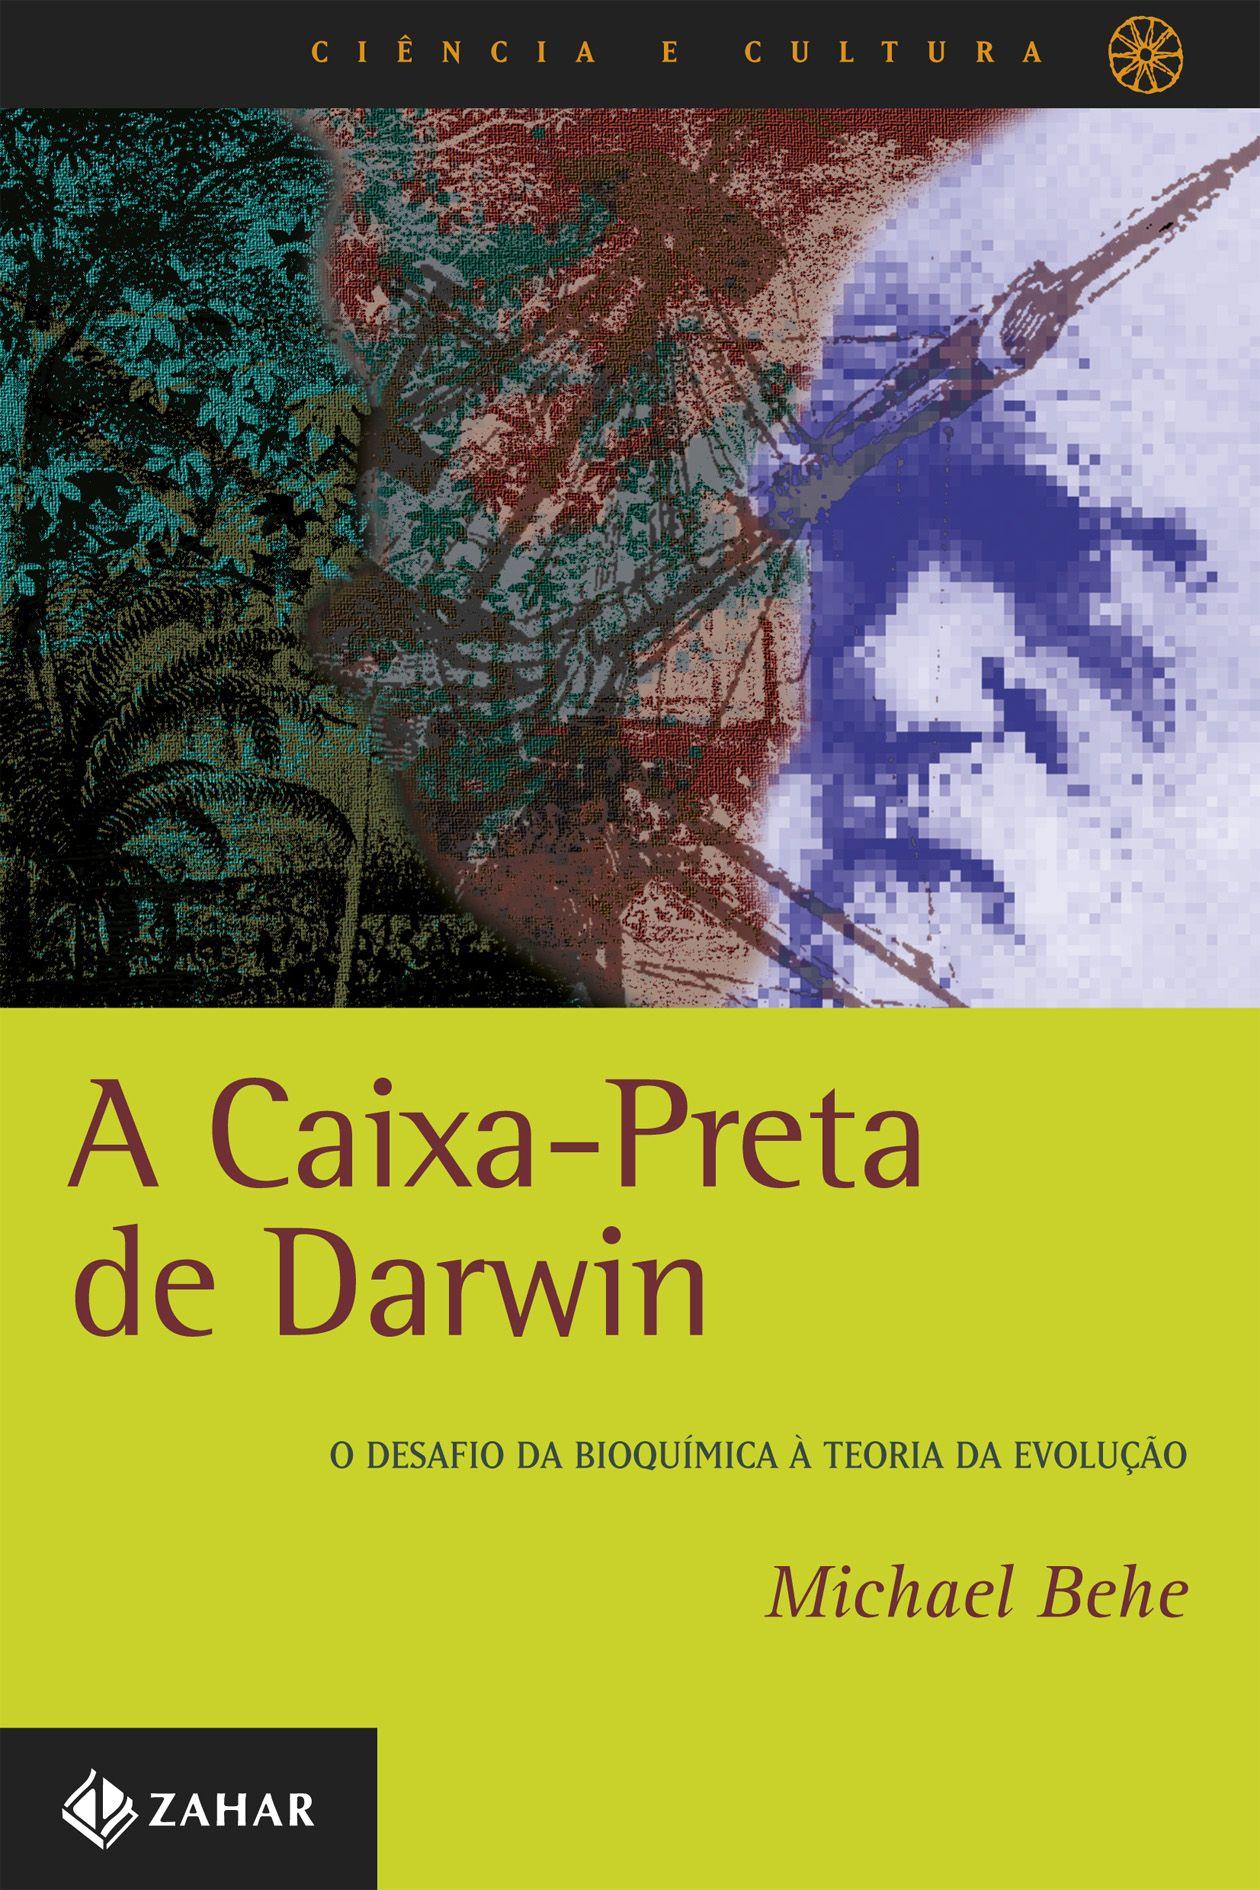 Livro: A caixa-preta de Darwin